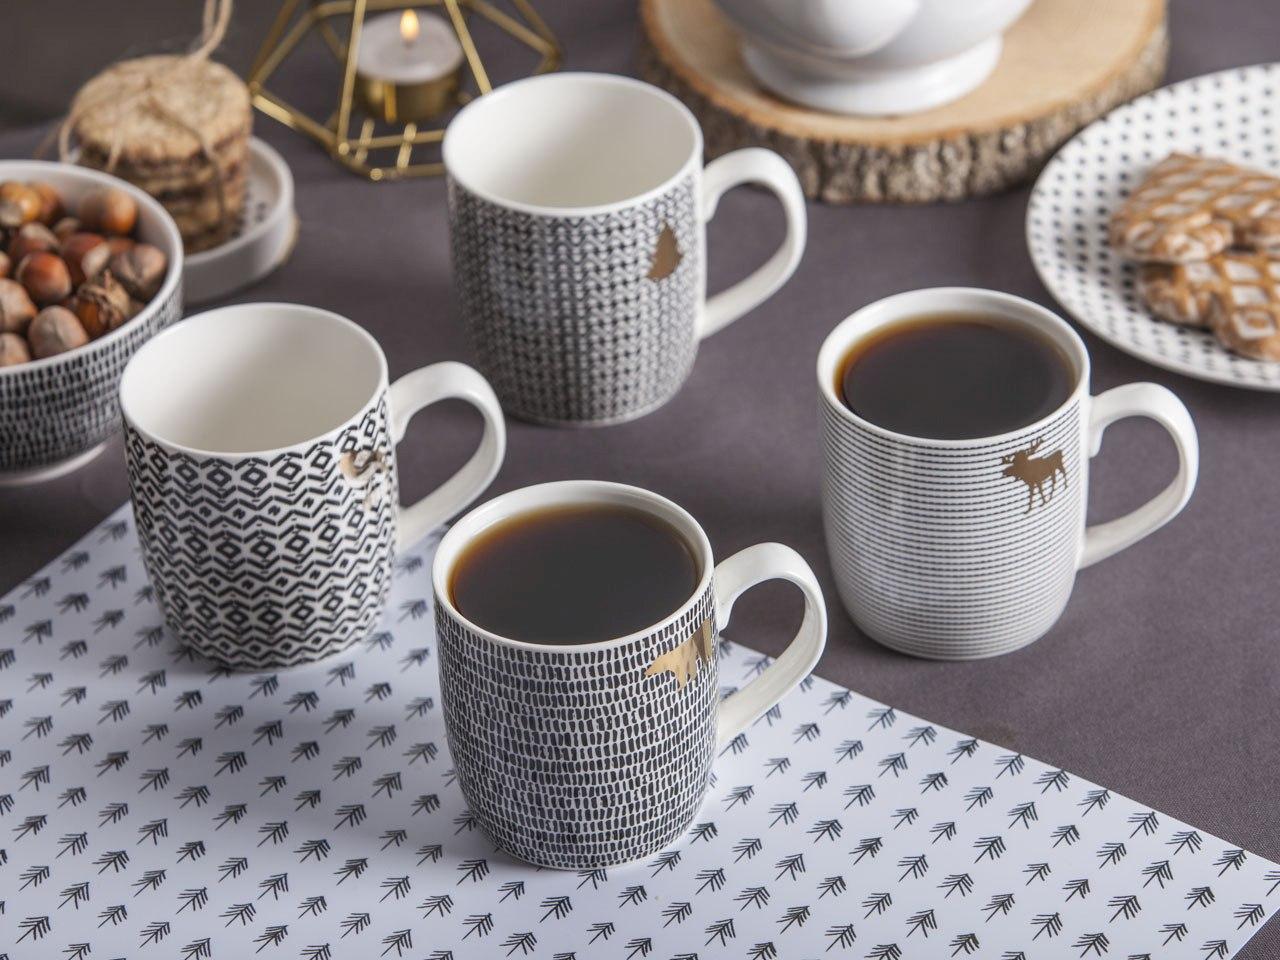 Kubek do kawy i herbaty porcelanowy święta Boże Narodzenie Altom Design Nordic Winter 360 ml (4 wzory)